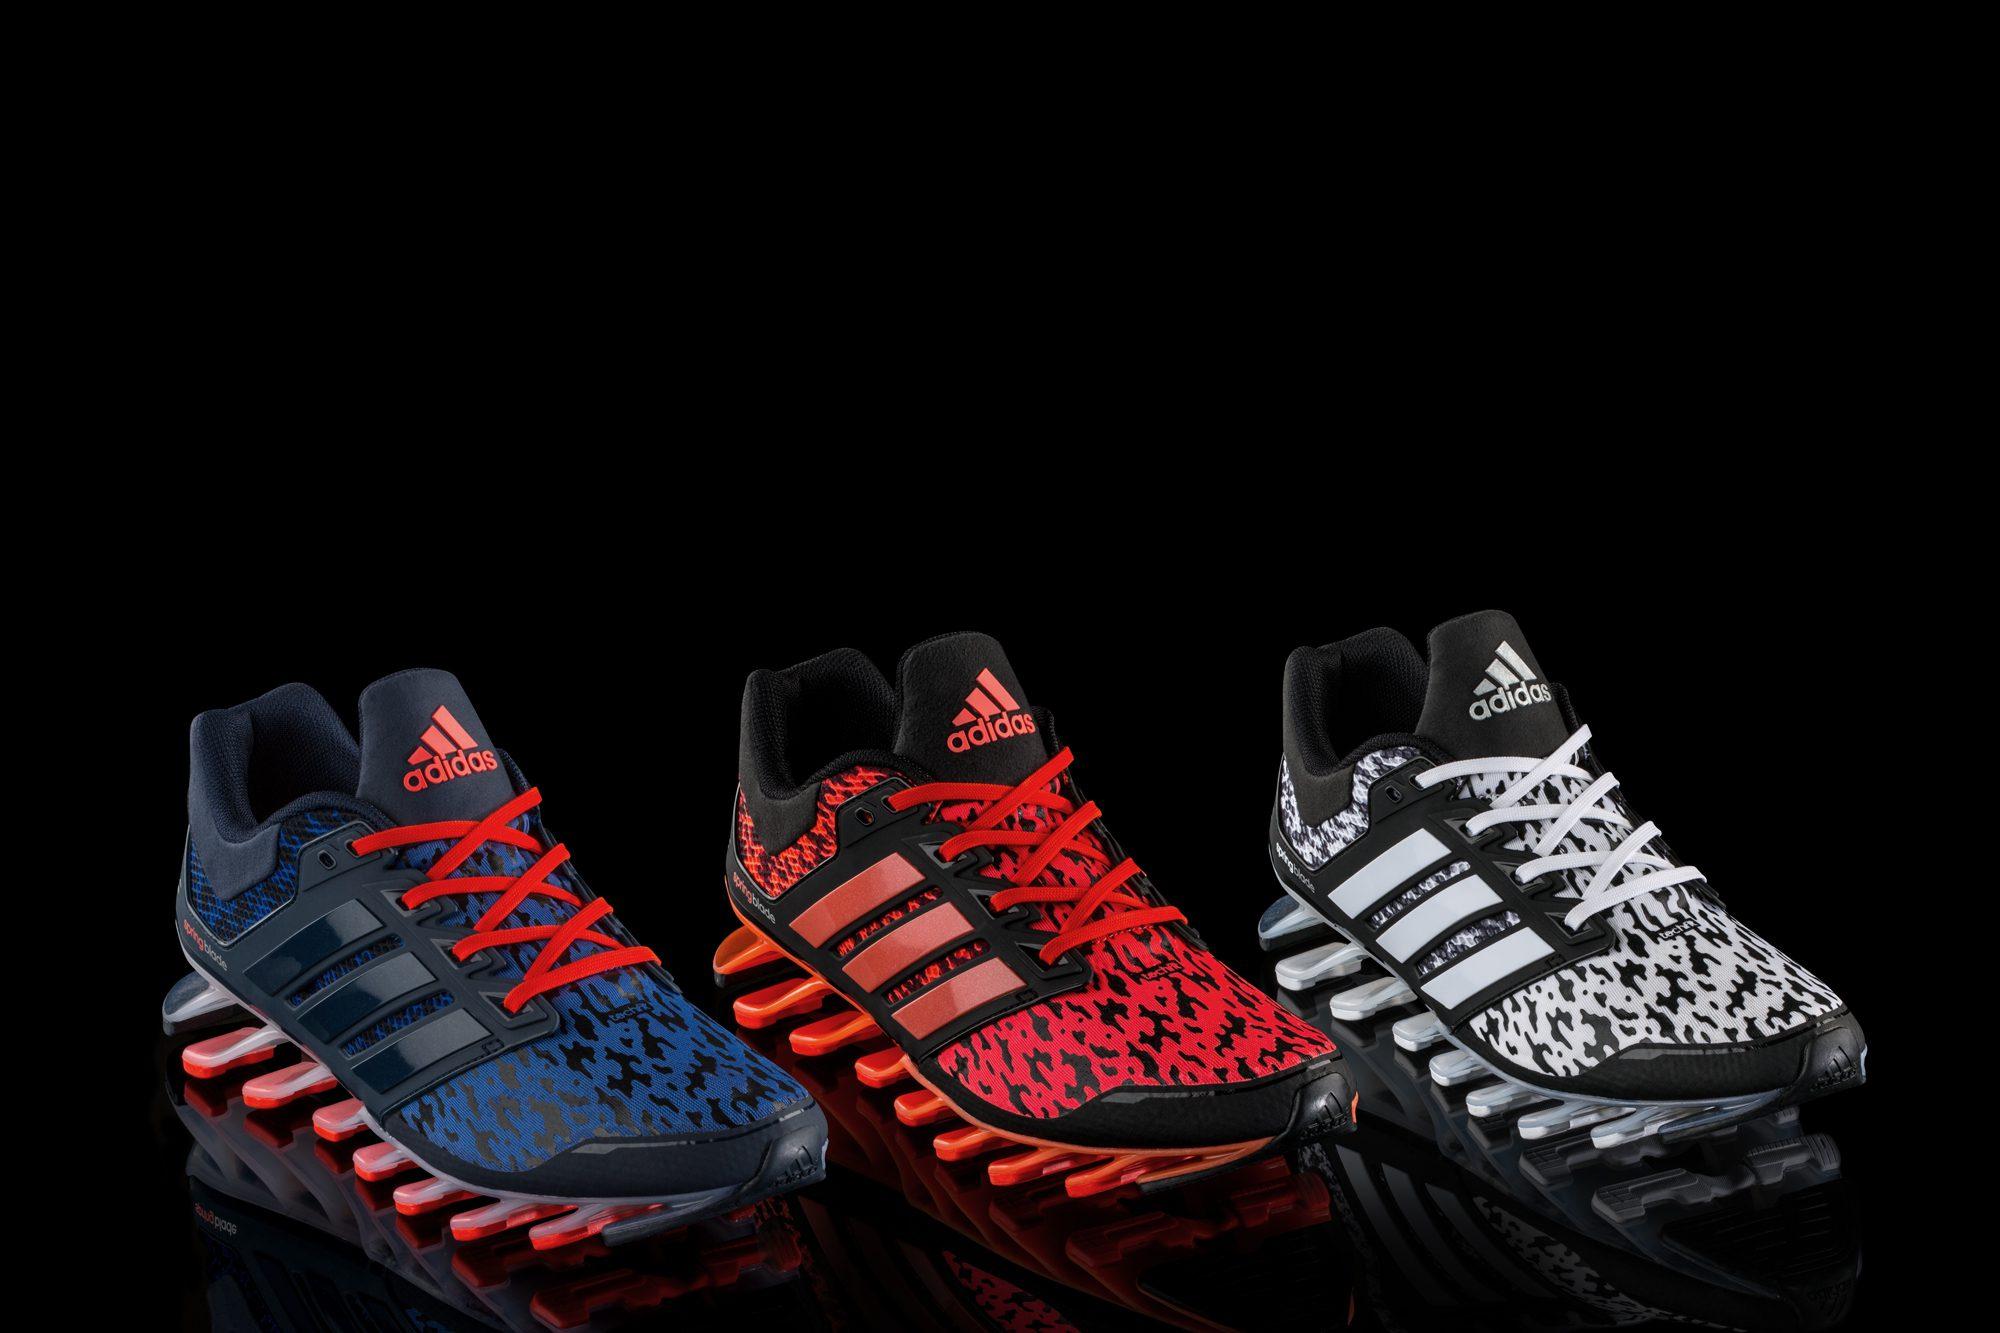 nouveaux styles 7a314 127cc denmark adidas springblade explosive 799c0 573bd